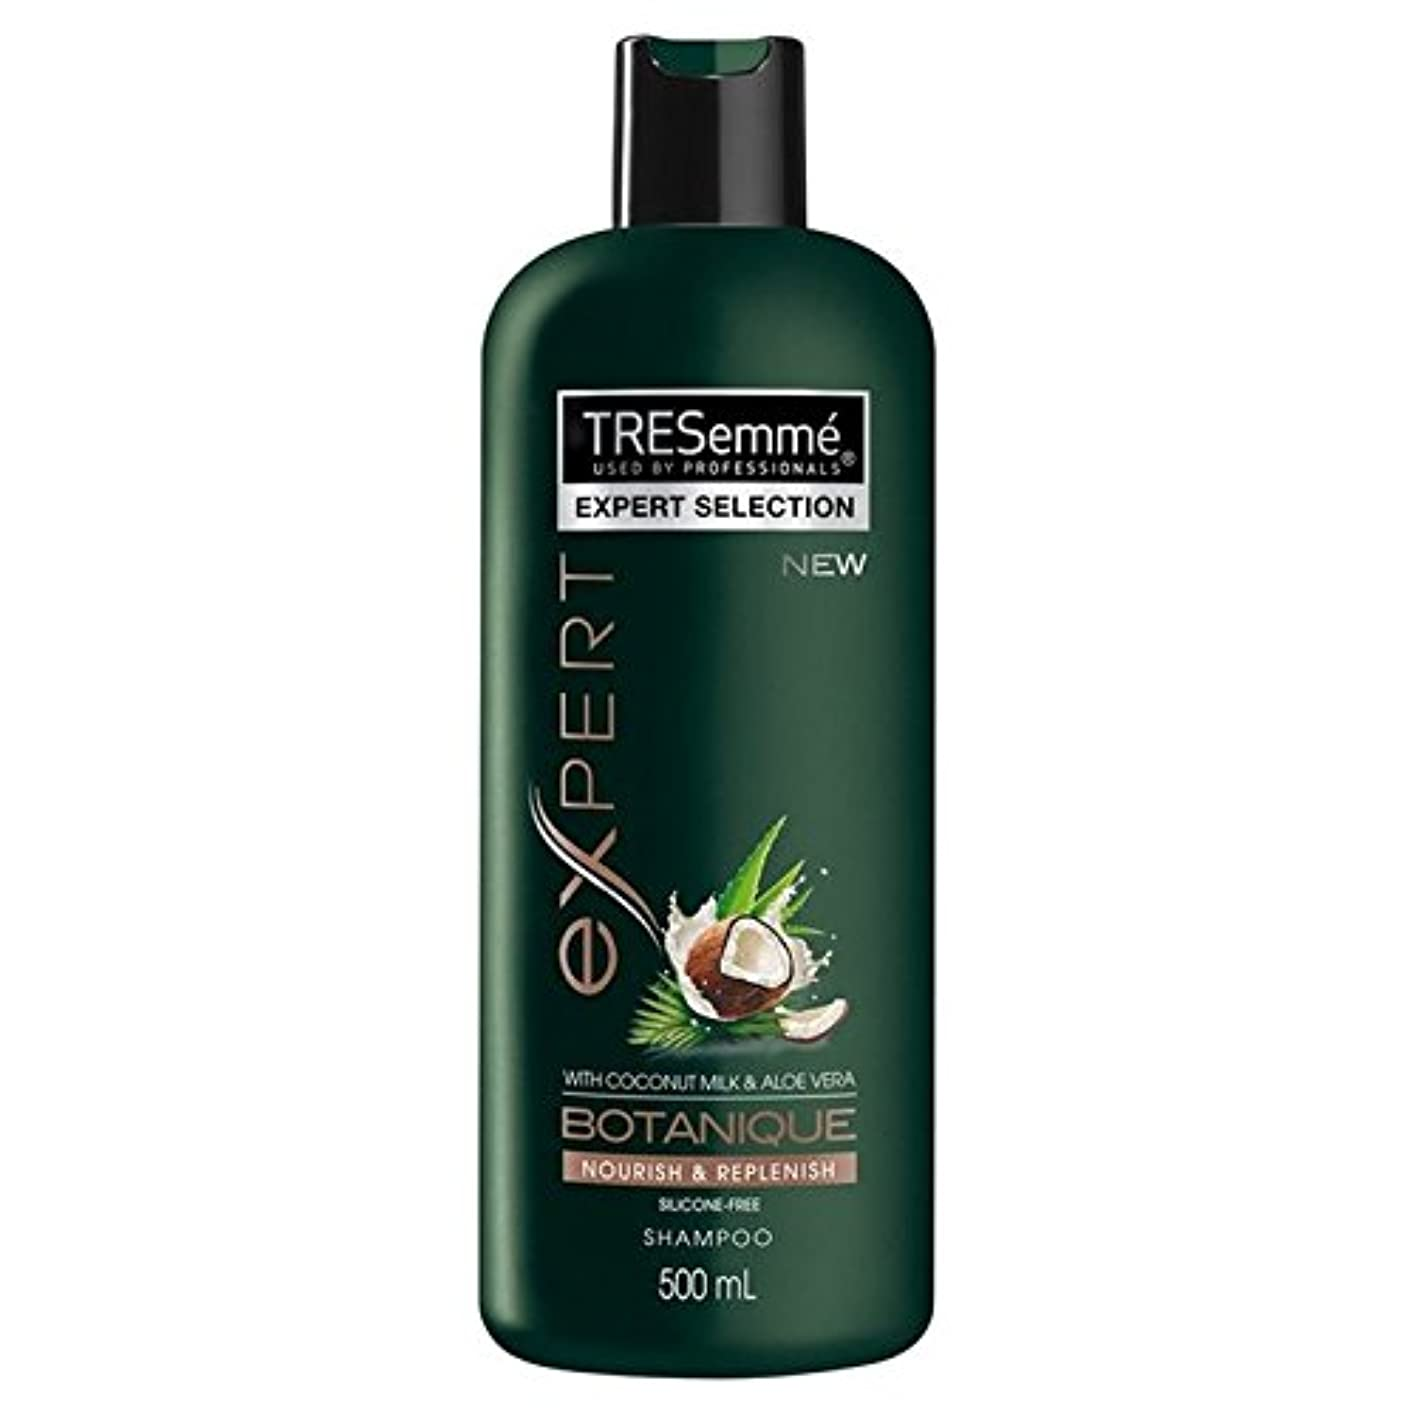 成分船尾細胞TRESemme Botanique Nourish & Replenish Shampoo 500ml - のボタニックはシャンプー500ミリリットルを養う&補充します [並行輸入品]